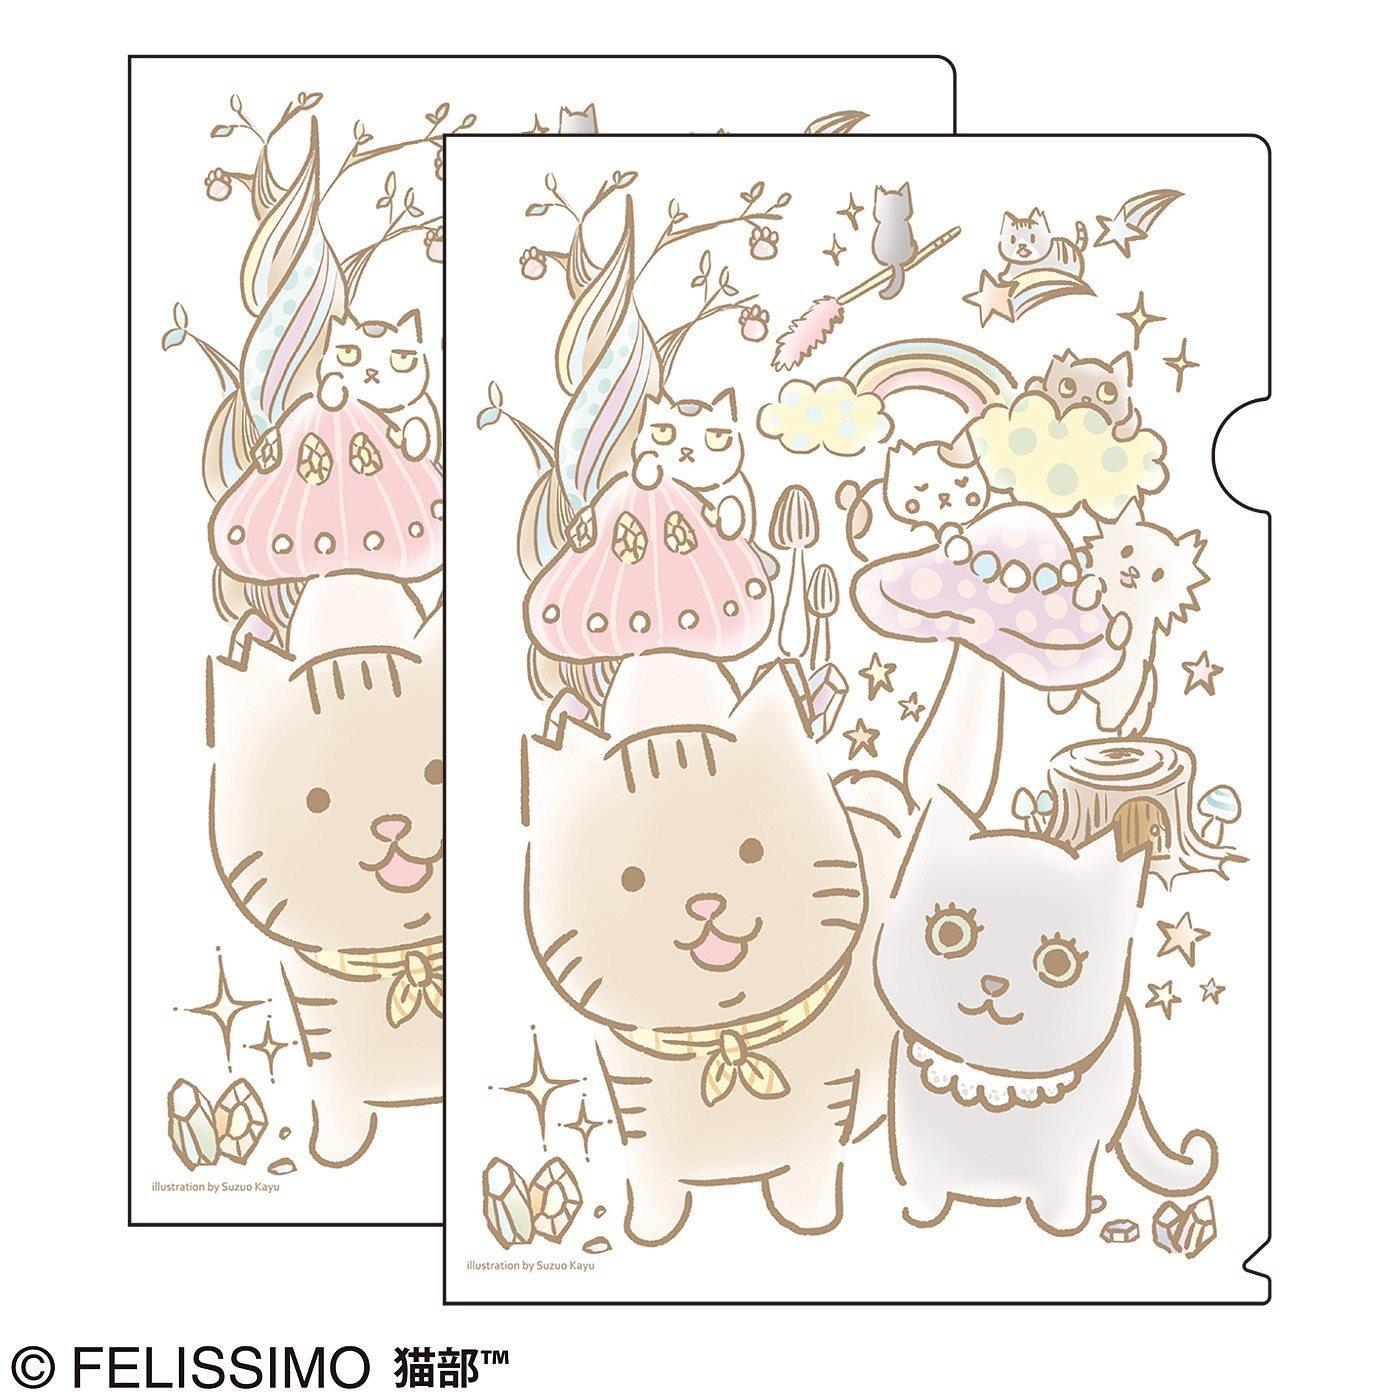 猫部×鈴尾粥 地域猫チャリティークリアファイル2019